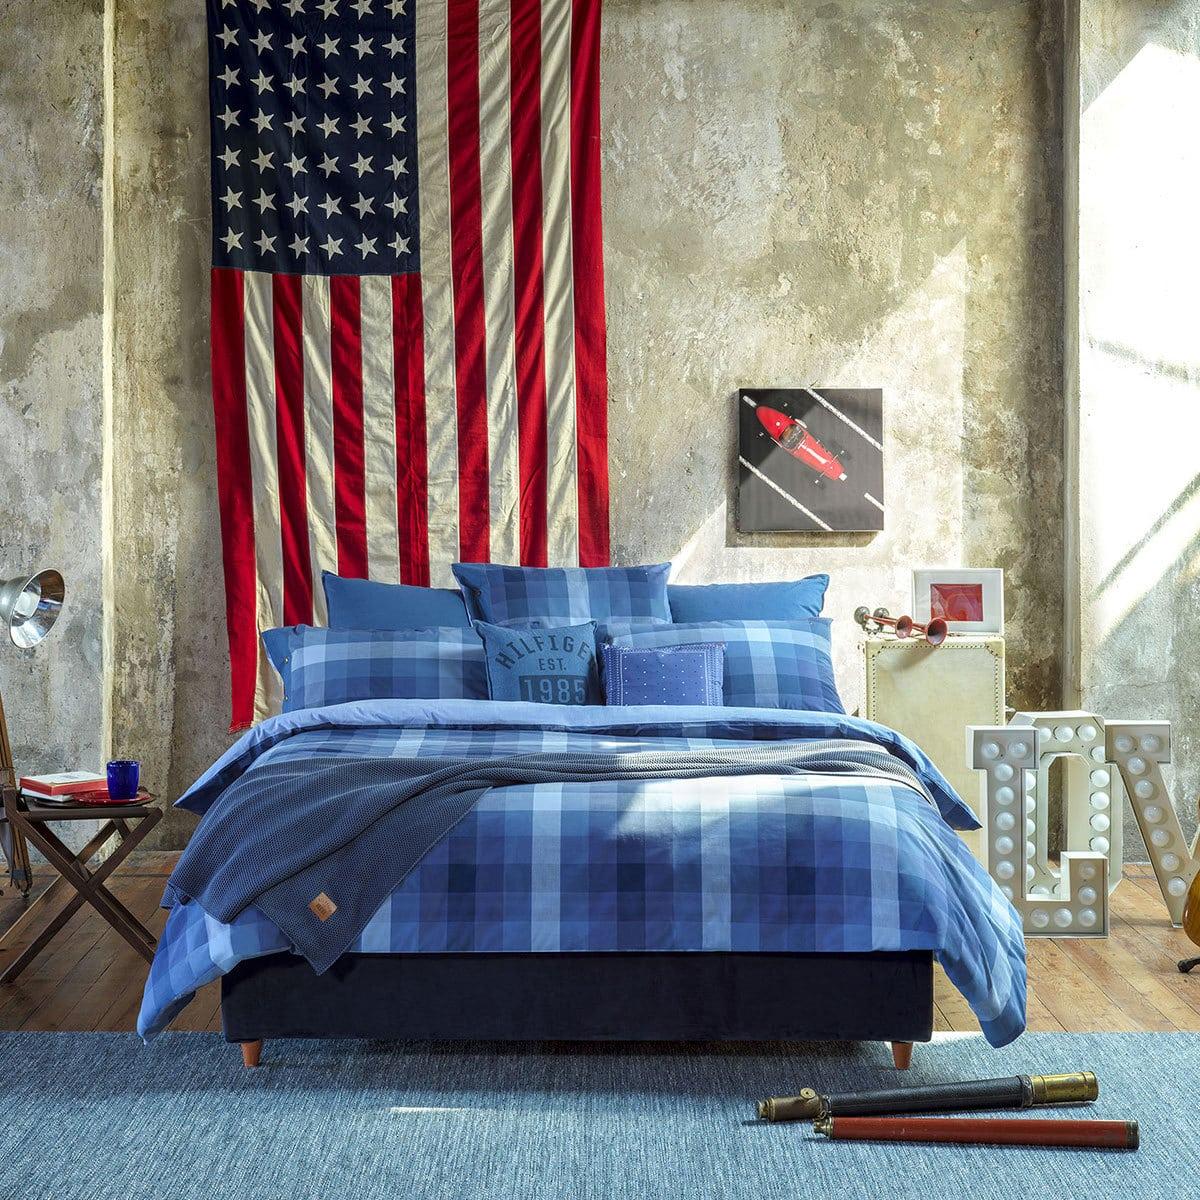 tommy hilfiger perkal bettw sche preppy look kariert denim g nstig online kaufen bei bettwaren shop. Black Bedroom Furniture Sets. Home Design Ideas